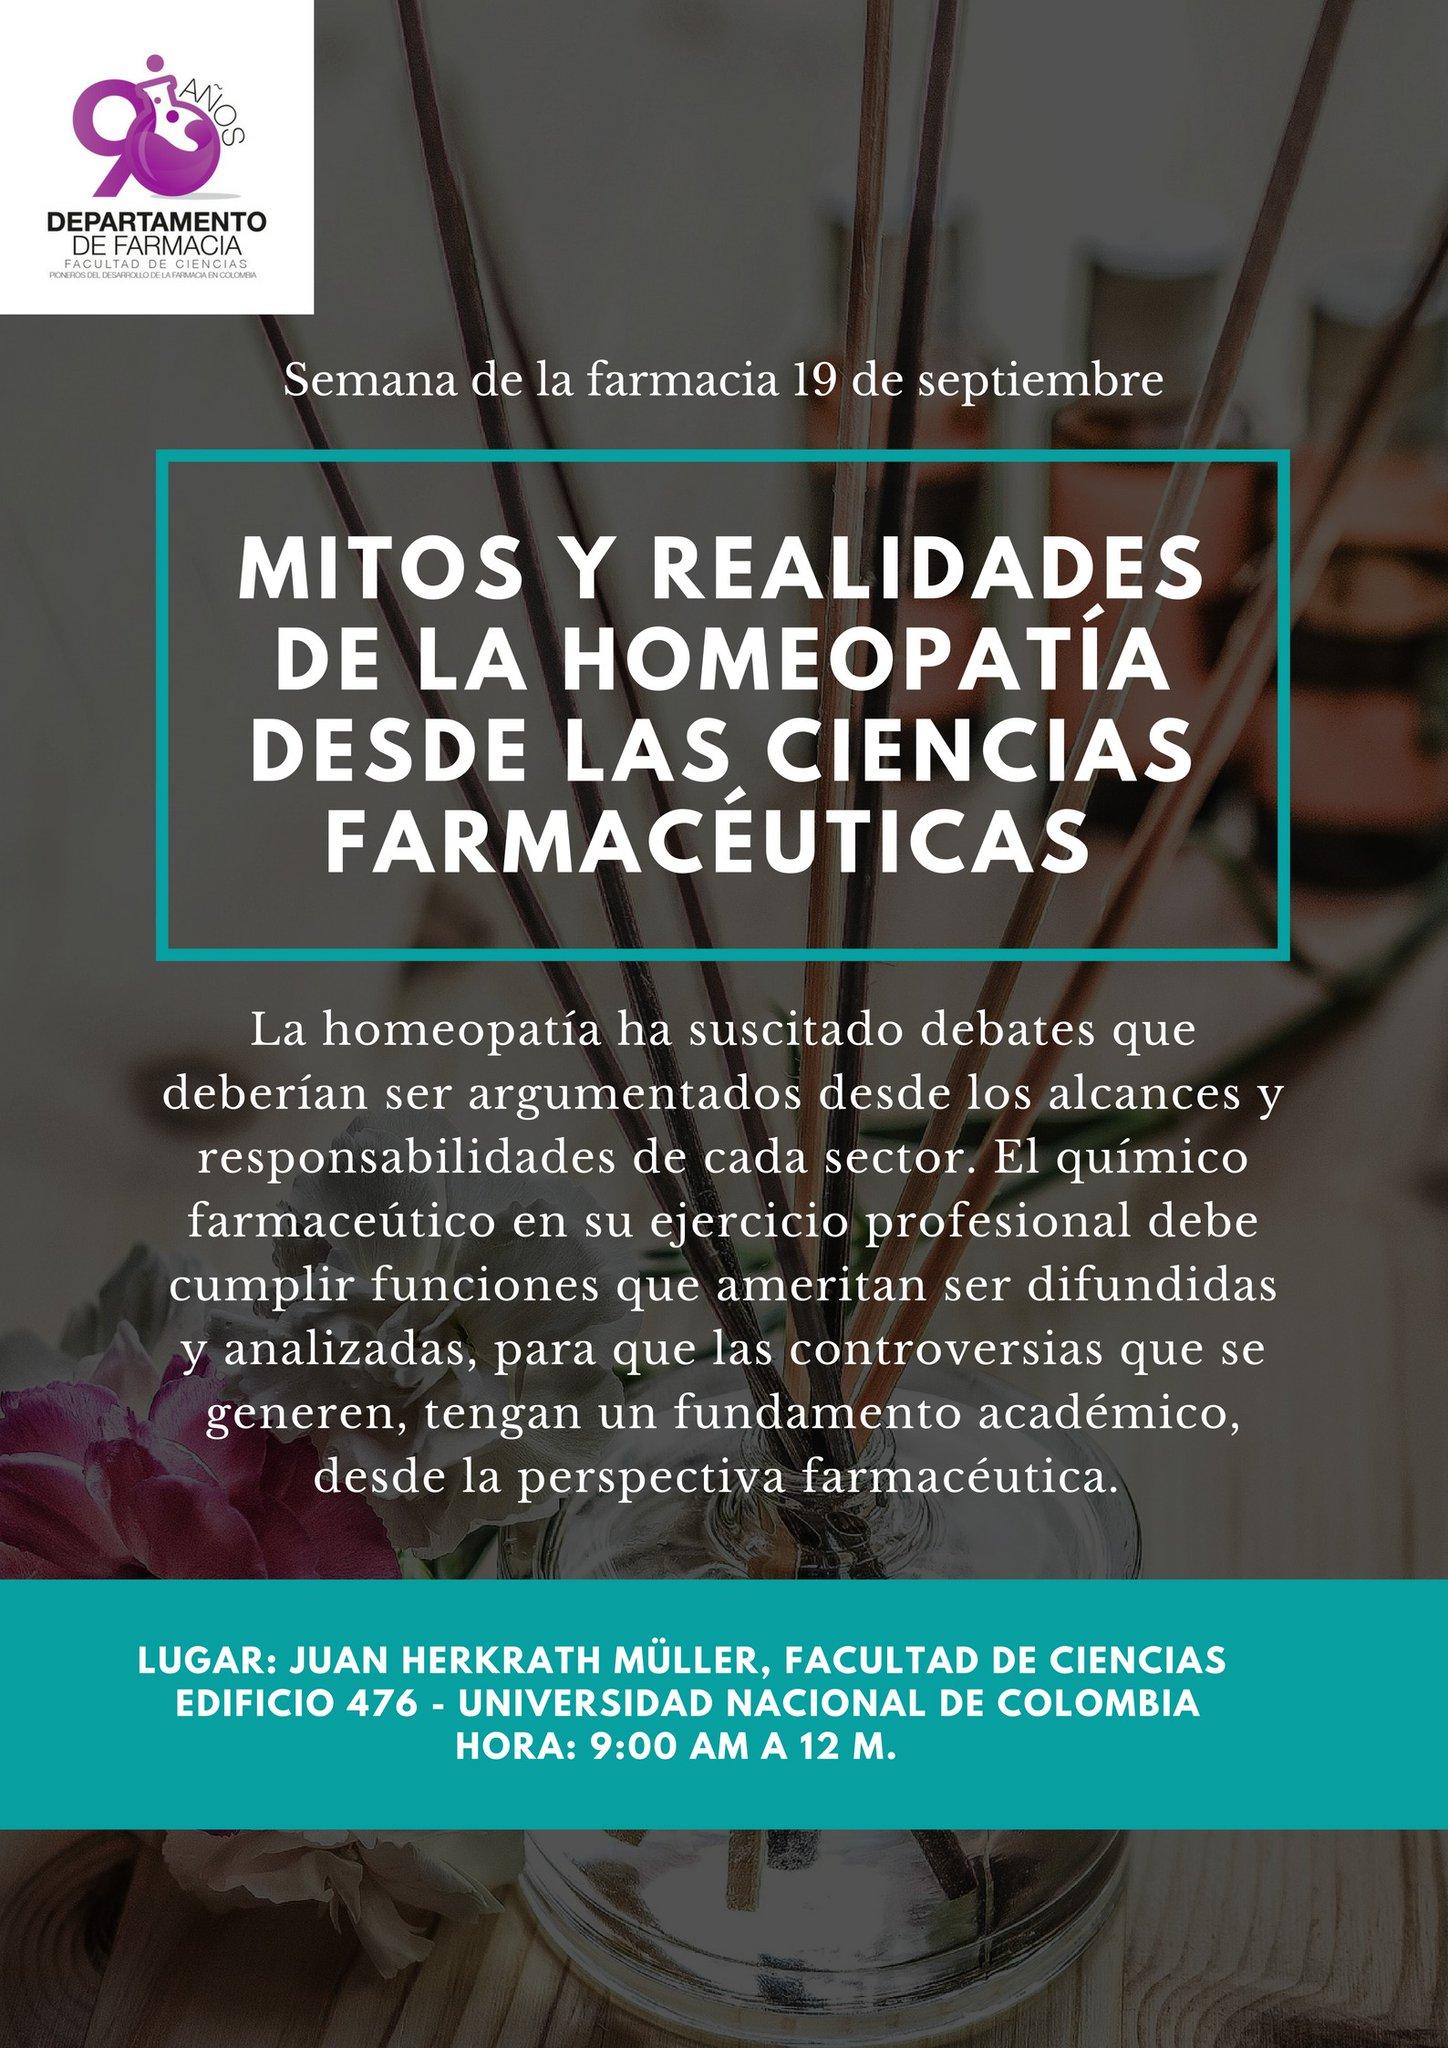 Mitos y realidades de la homeopatía desde las ciencias farmacéuticas / Conversatorio «Homeopatía y la responsabilidad del químico farmacéutico»